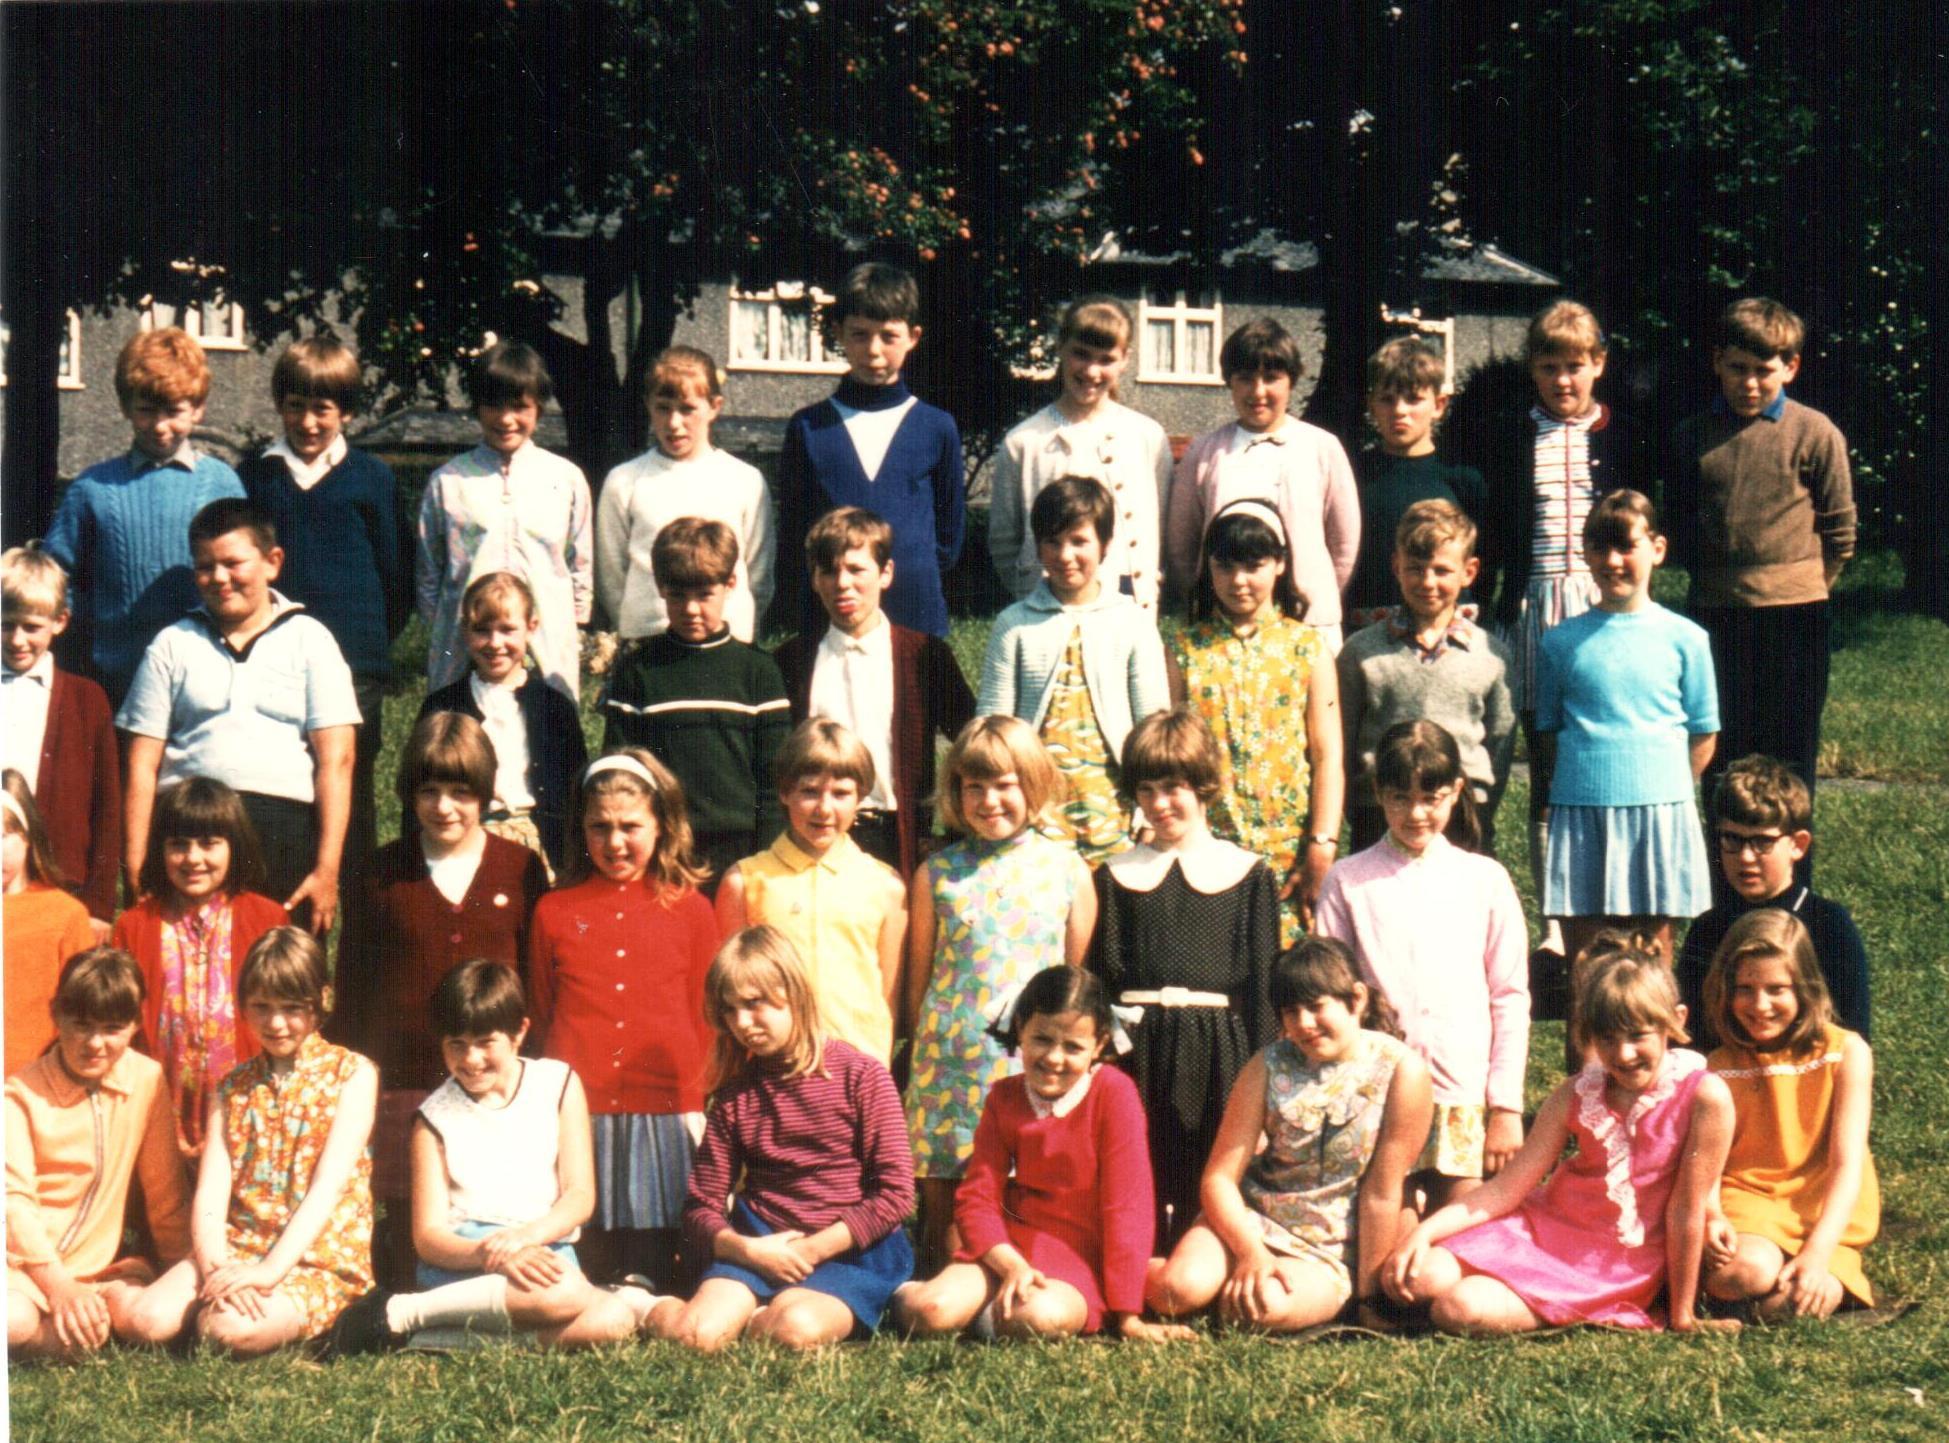 – School - Primary 1972 Park 1962 Mersey